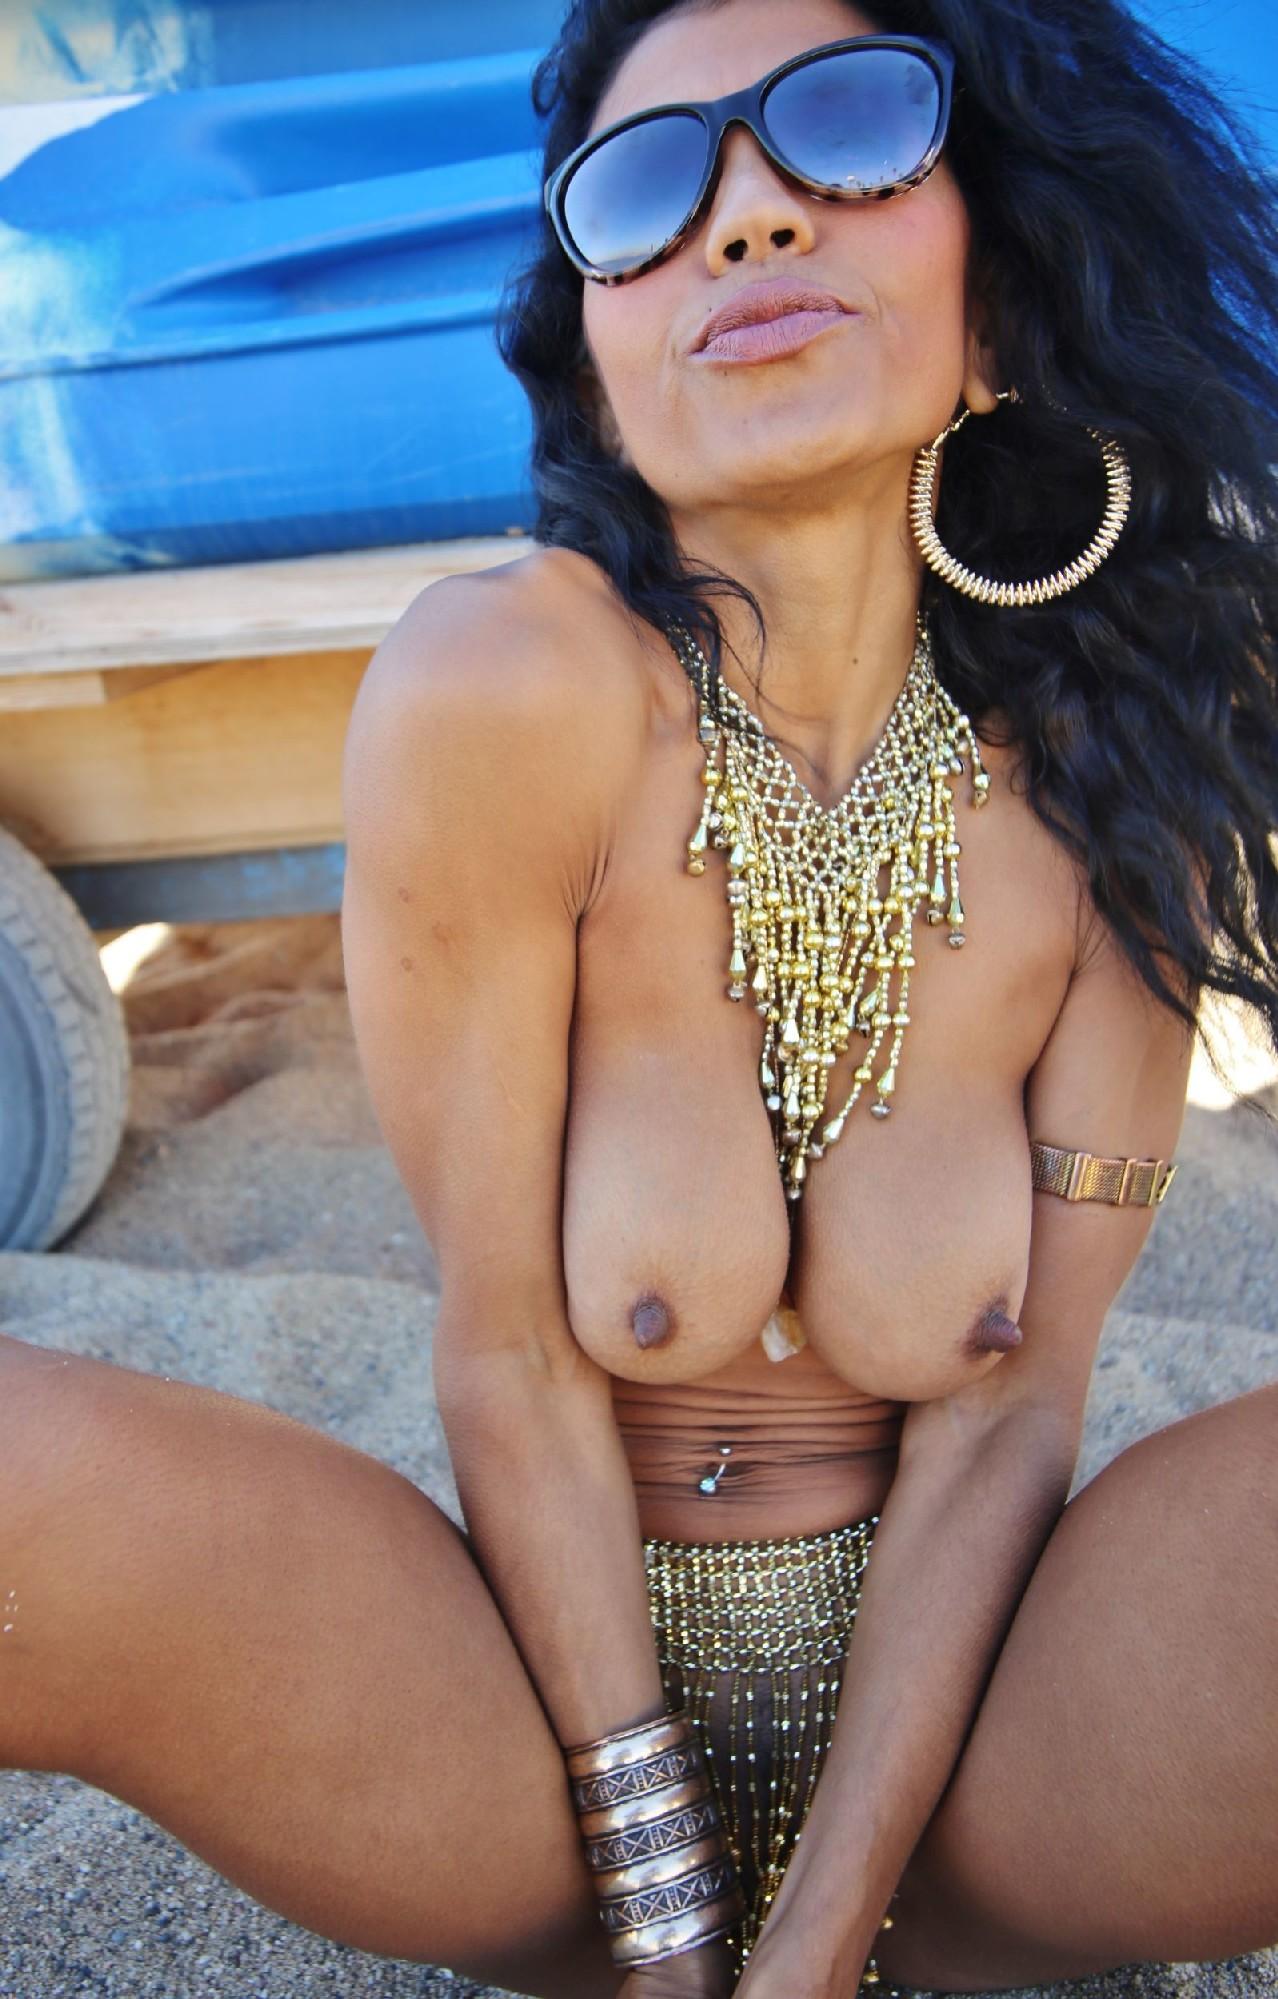 Русая порноактрисса в солнцезащитных очках и с прекрасными сисиками фотографируется раздетой